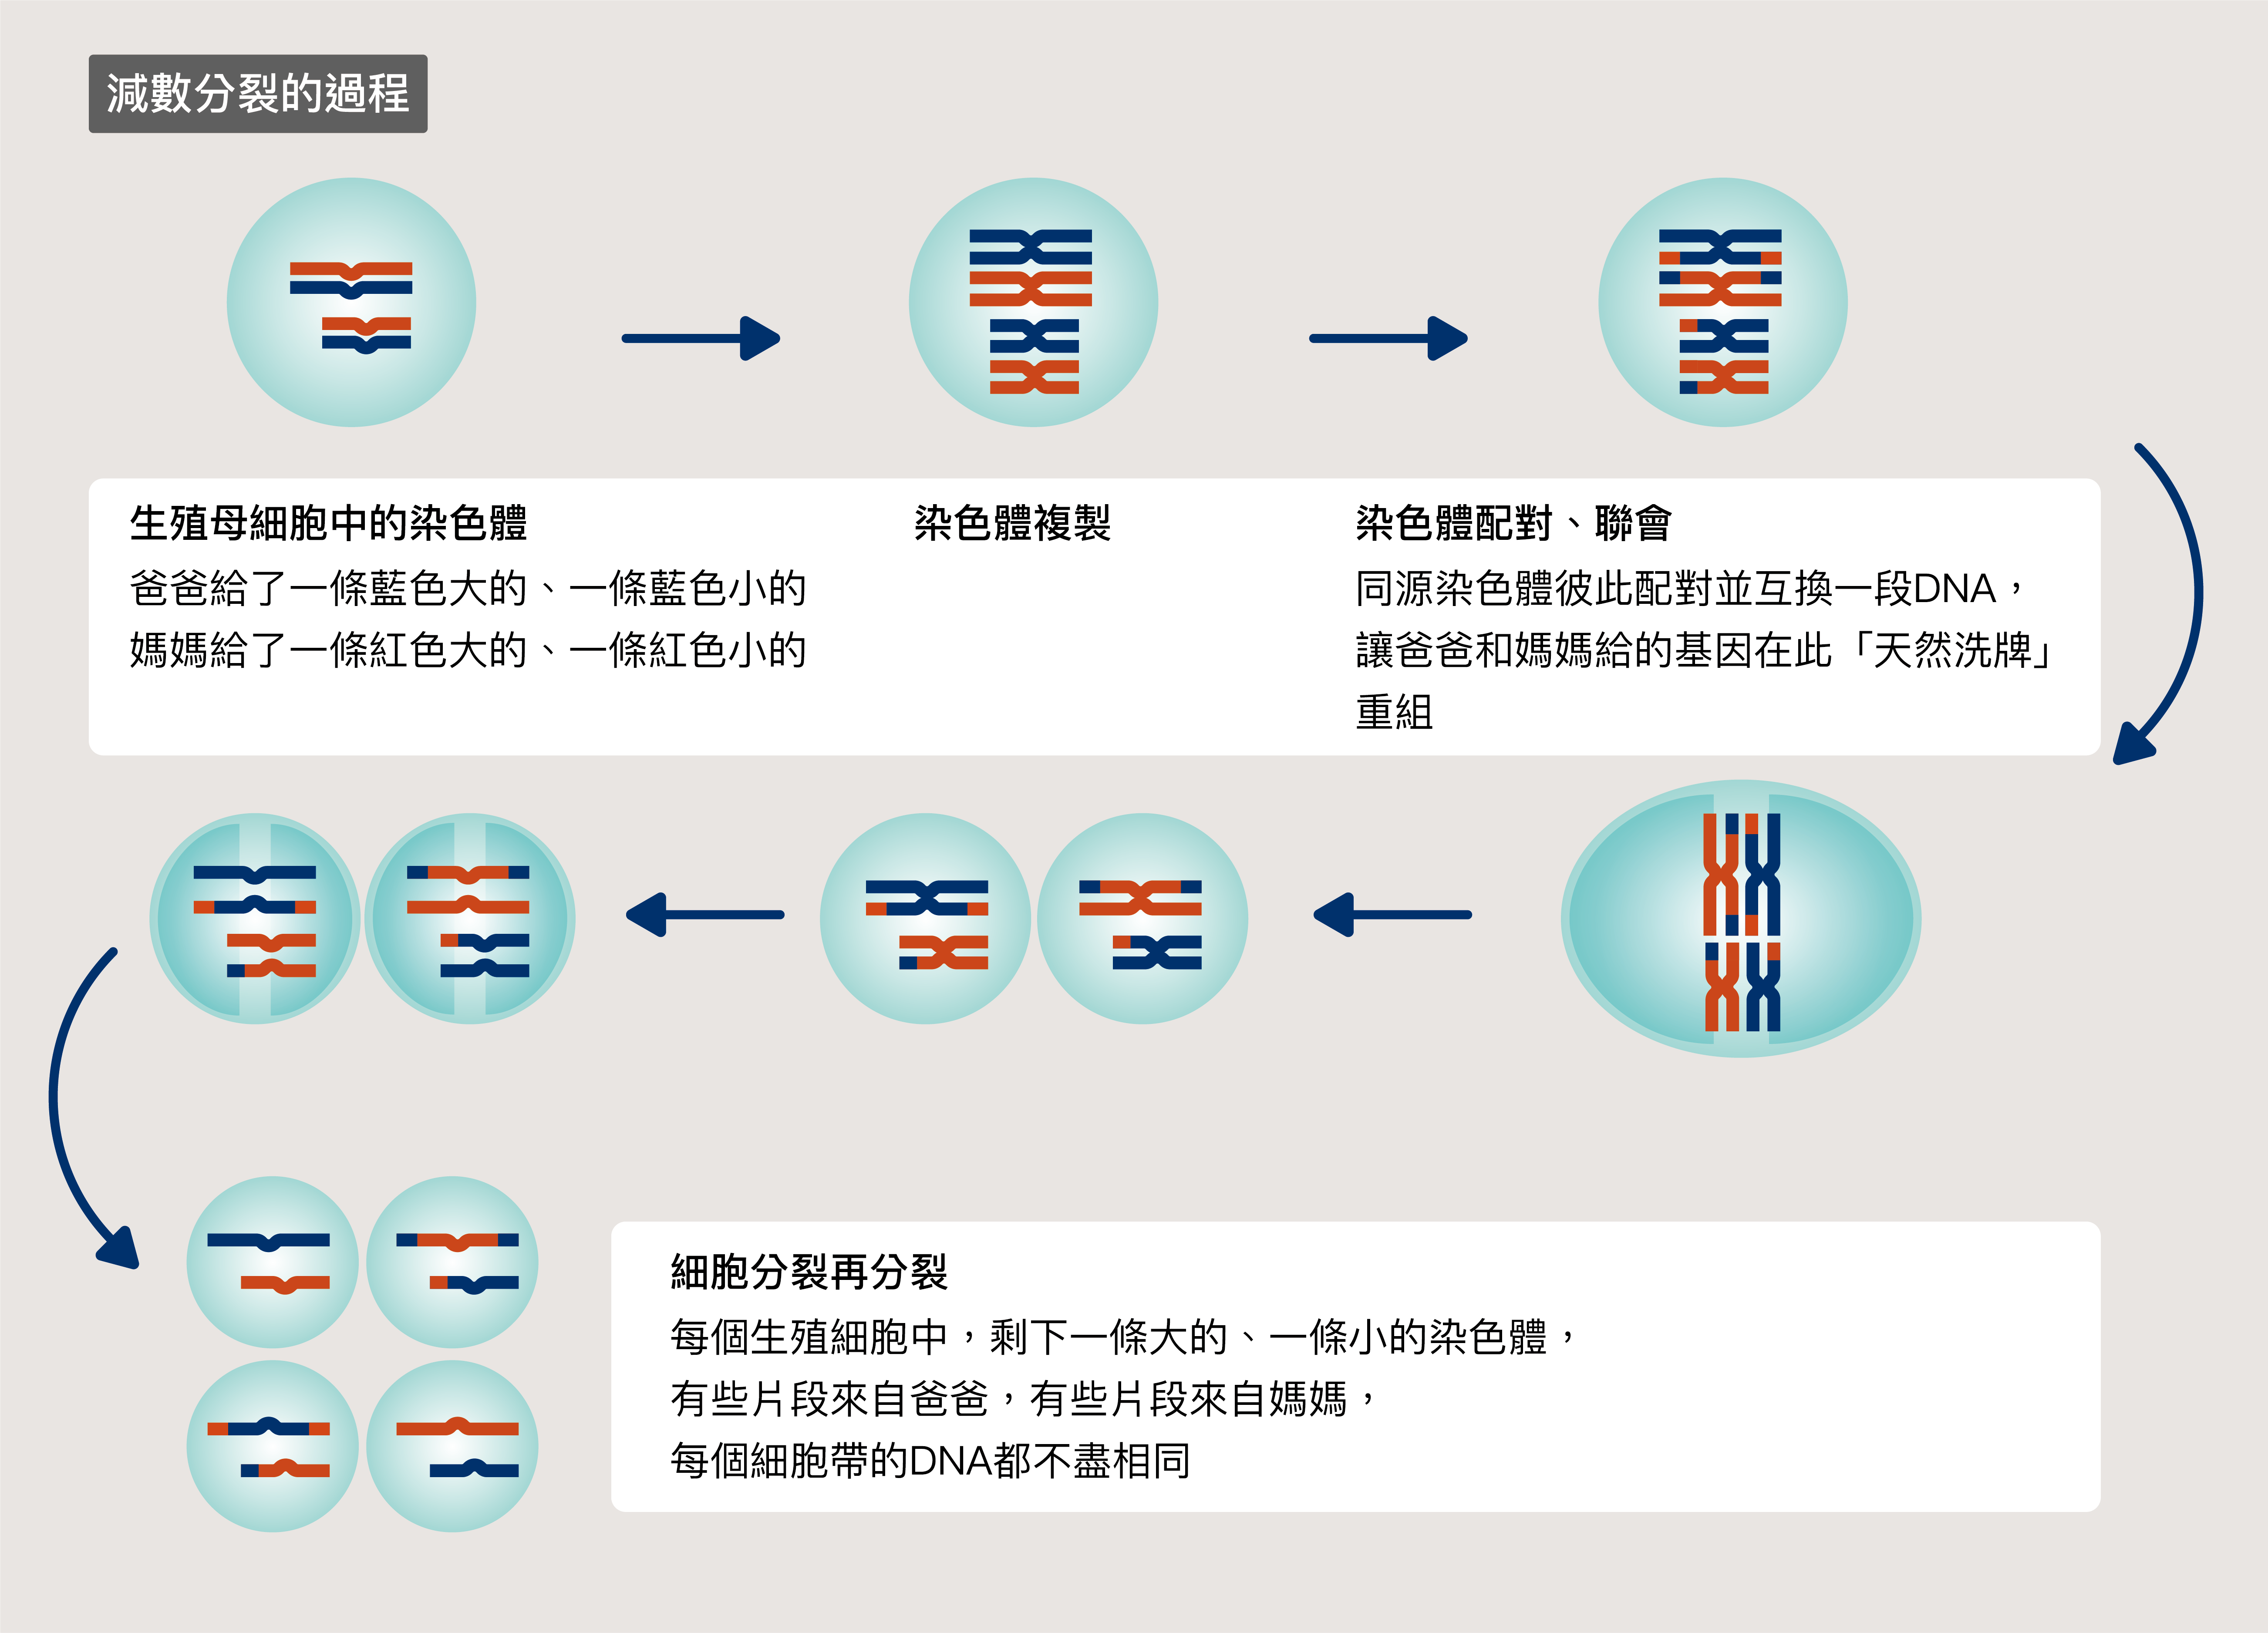 爸爸和媽媽的染色體,在細胞中要尋找彼此、配對互換 DNA,才有機會生出更好的下一代。圖│研之有物(資料來源│王中茹)